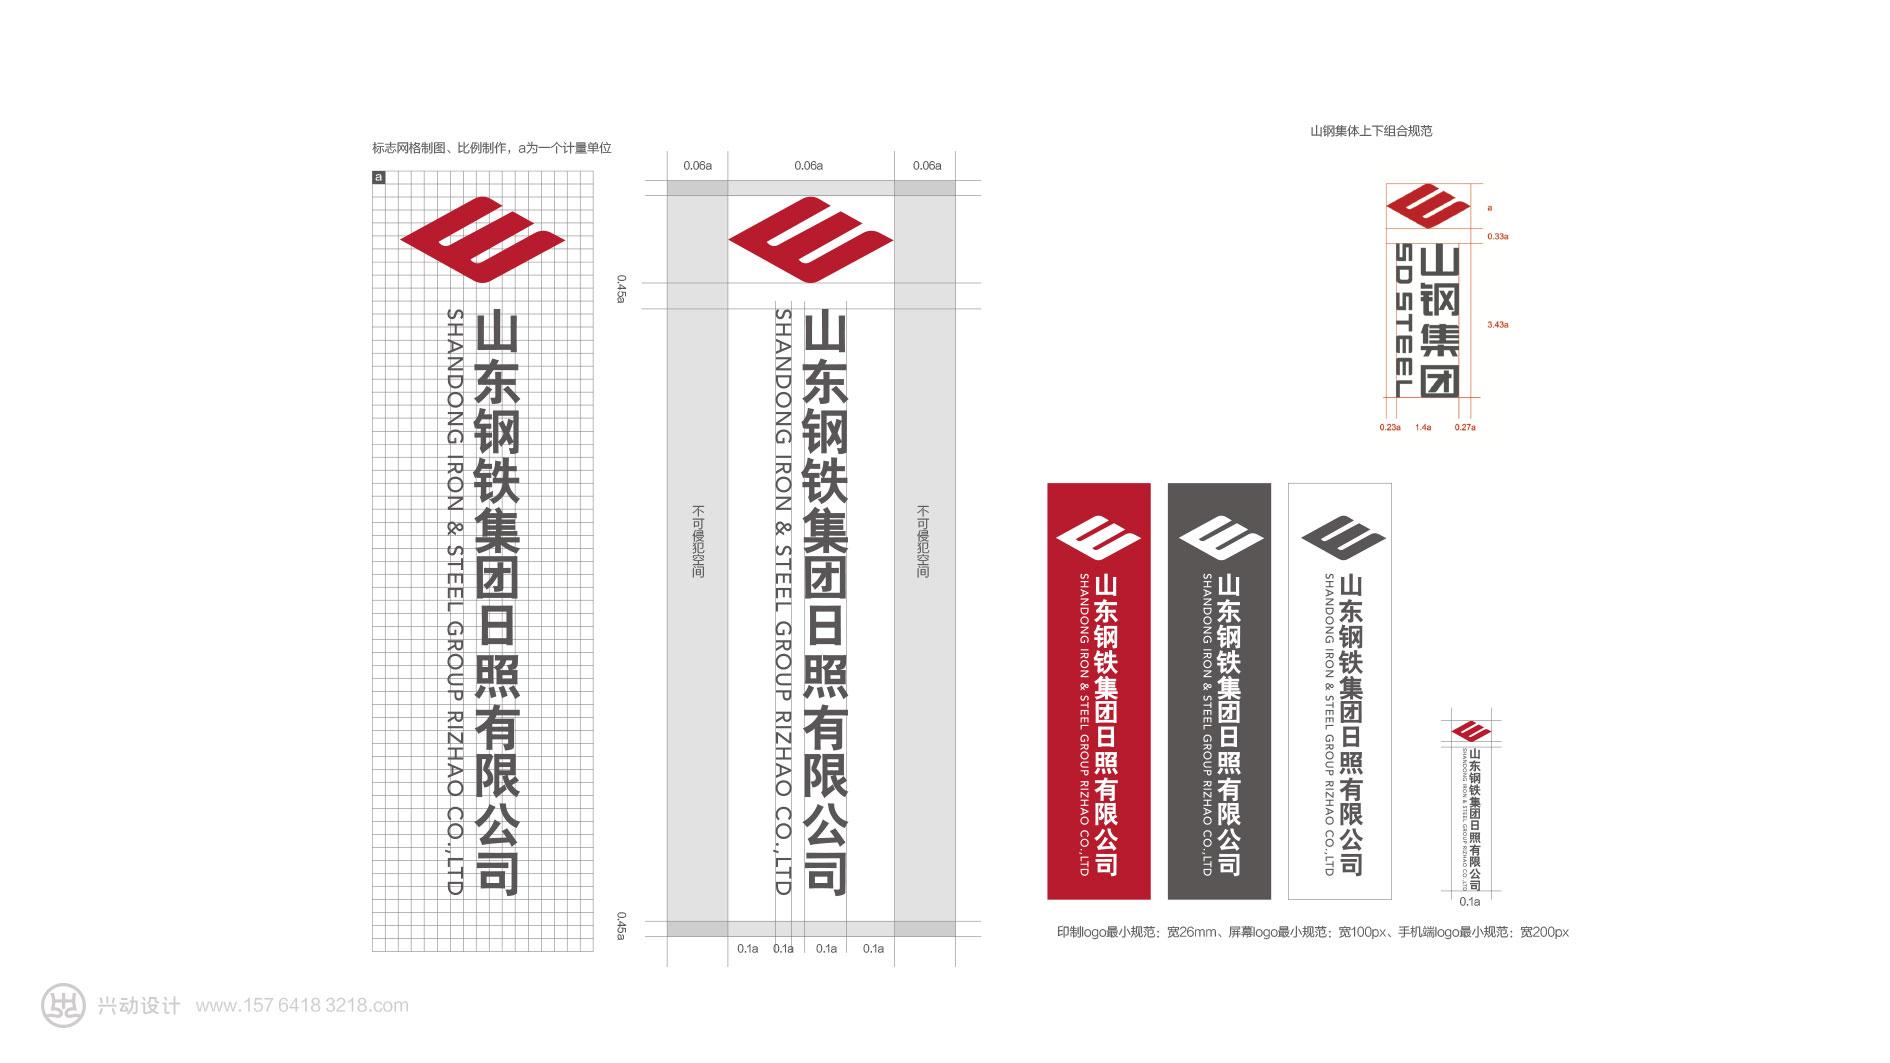 VI系统设计标志上下标准组合